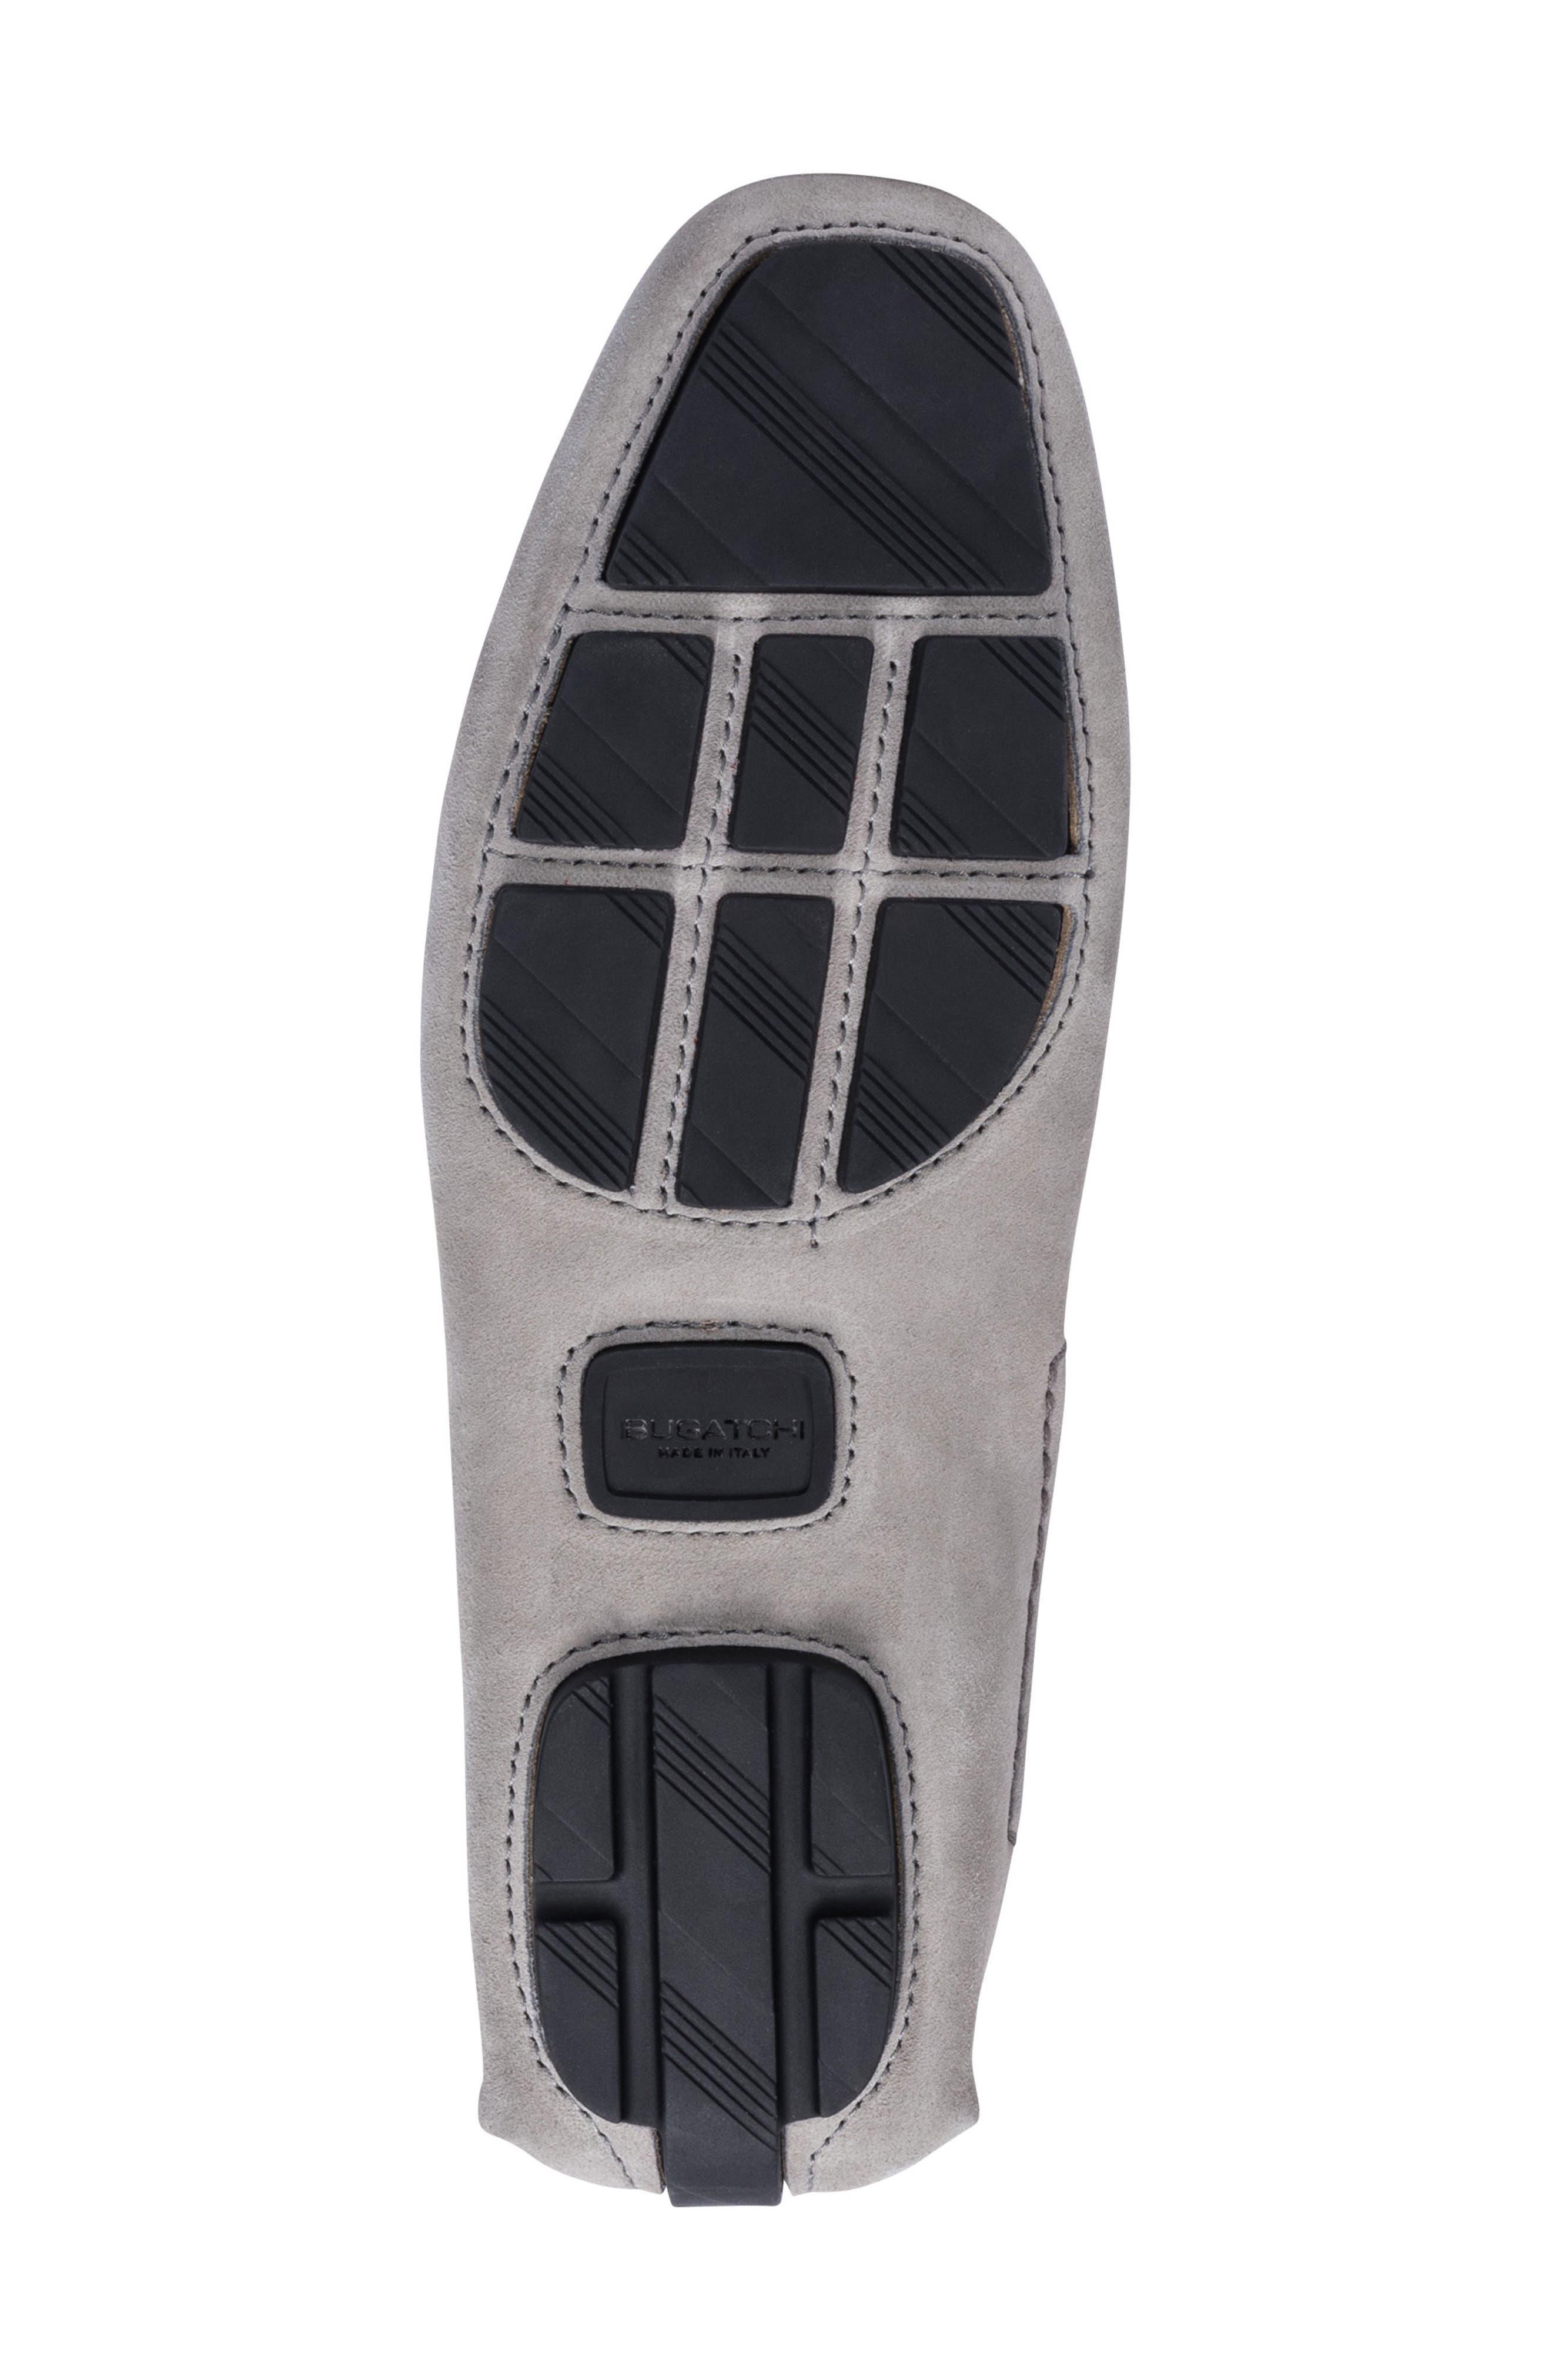 St. Tropez Driving Shoe,                             Alternate thumbnail 6, color,                             Grey Suede